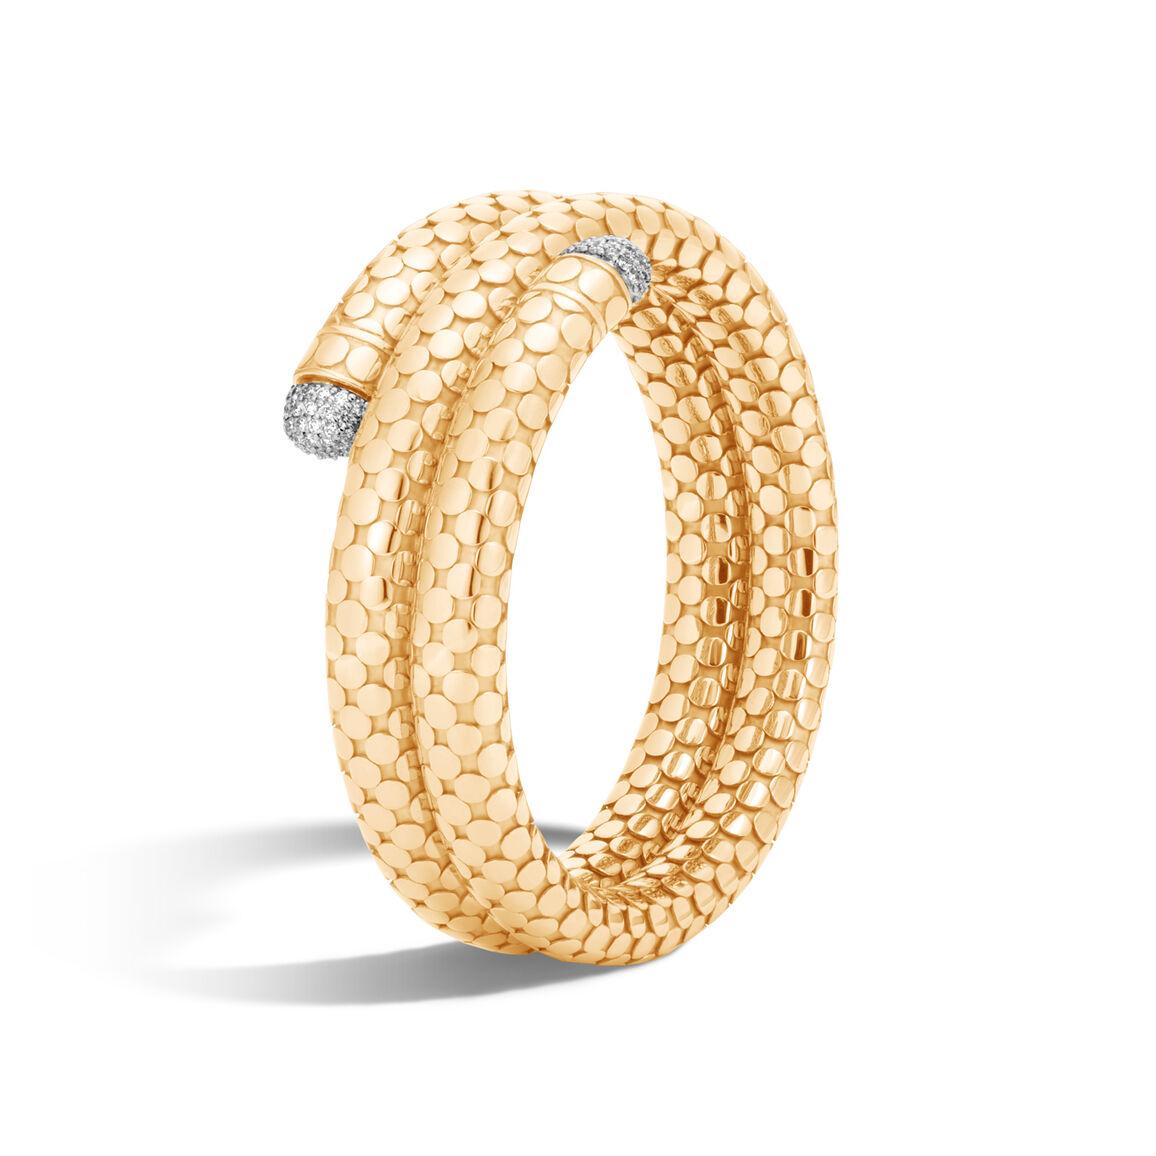 Dot Coil Bracelet in 18K Gold with Diamonds